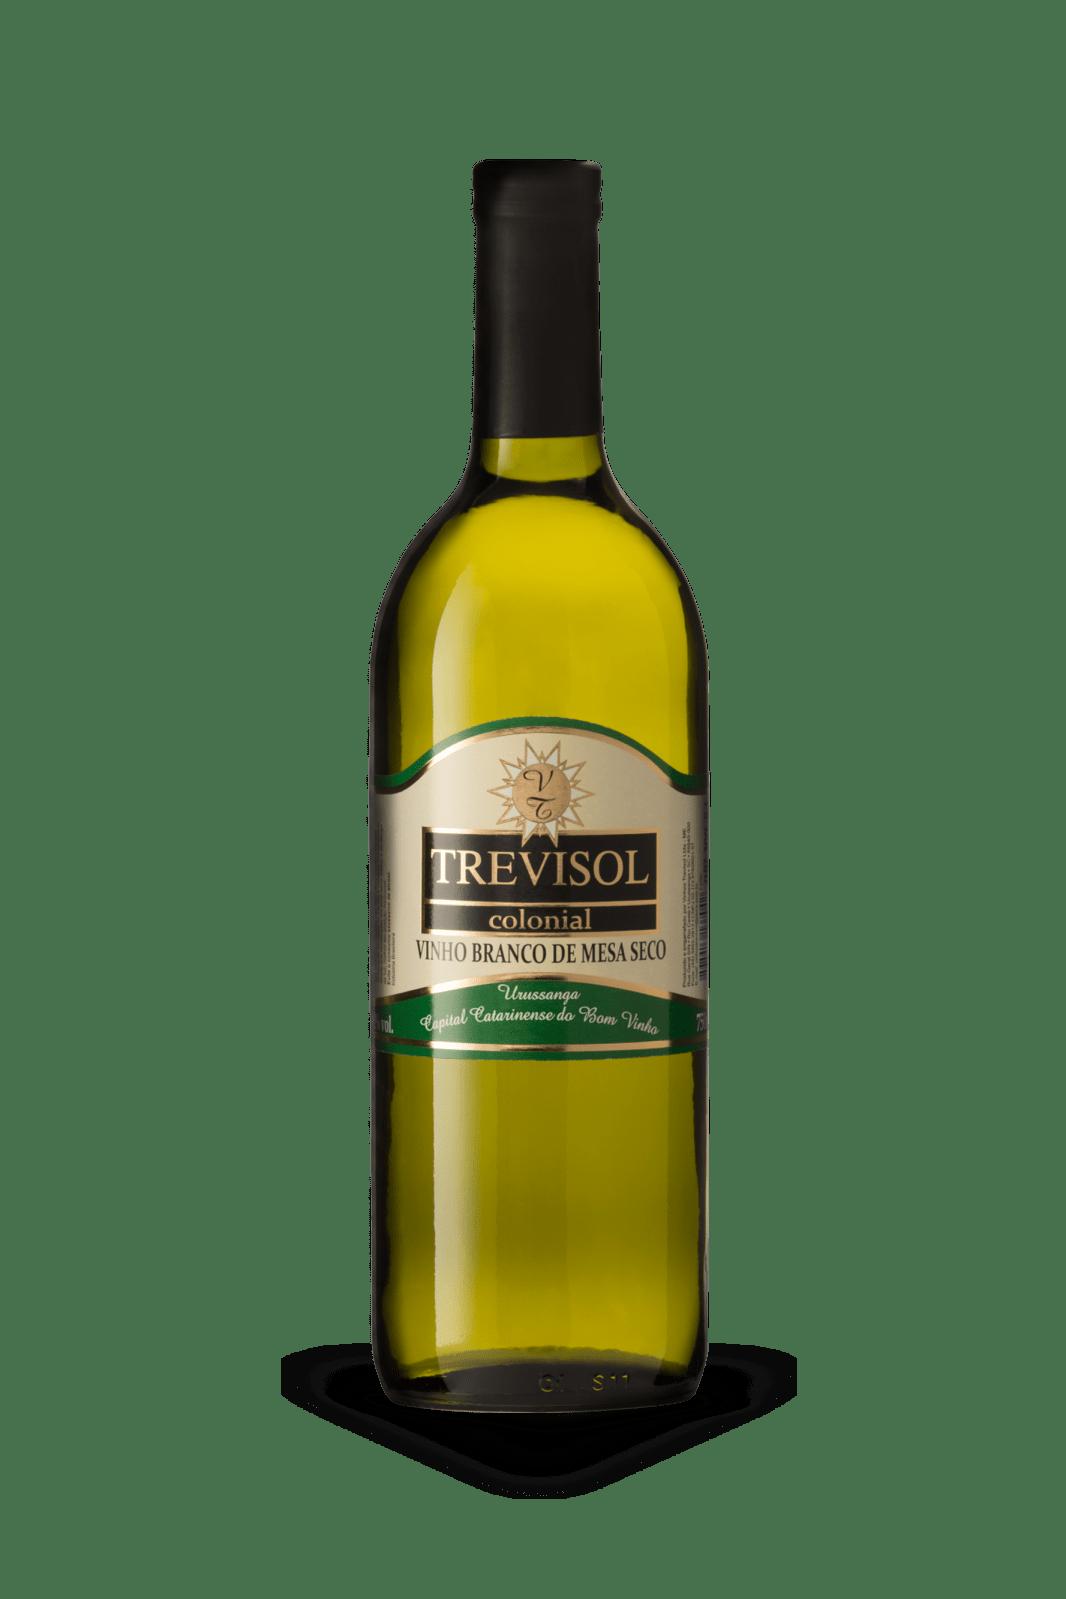 Vinho Trevisol Branco Seco